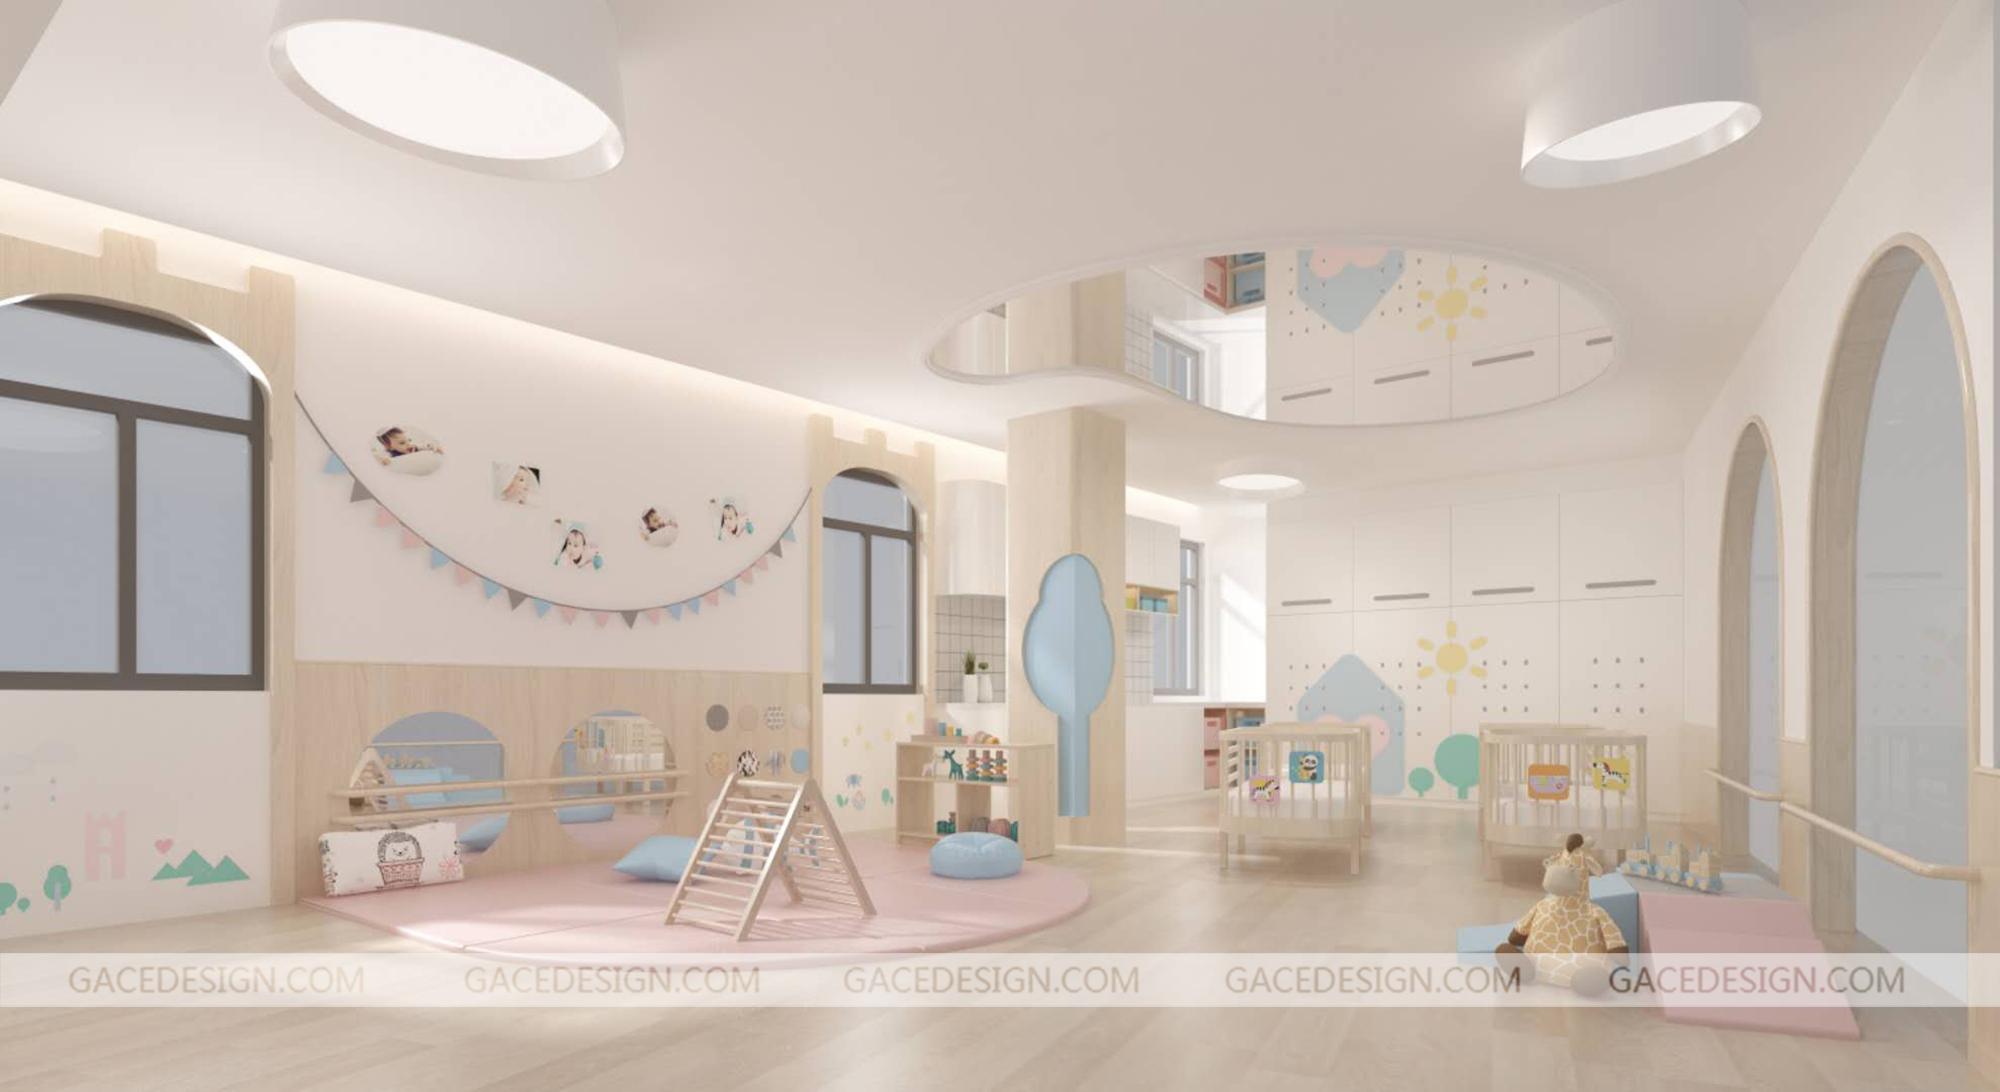 传统风格幼儿园室内设计的要点